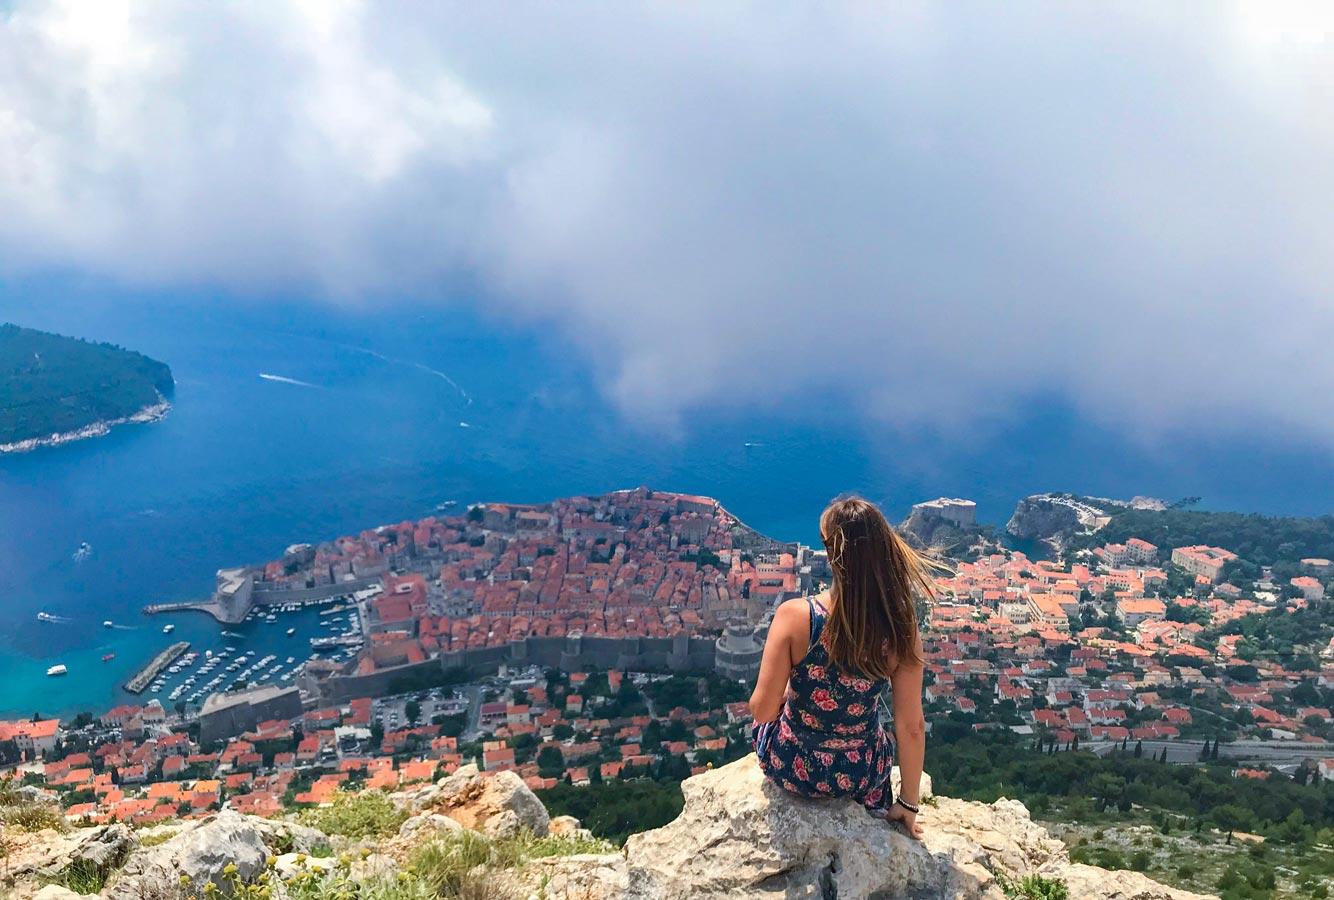 Itinerario Croacia 8 días mirador teleférico Dubrovnik blog viajes Come Vive Viaja